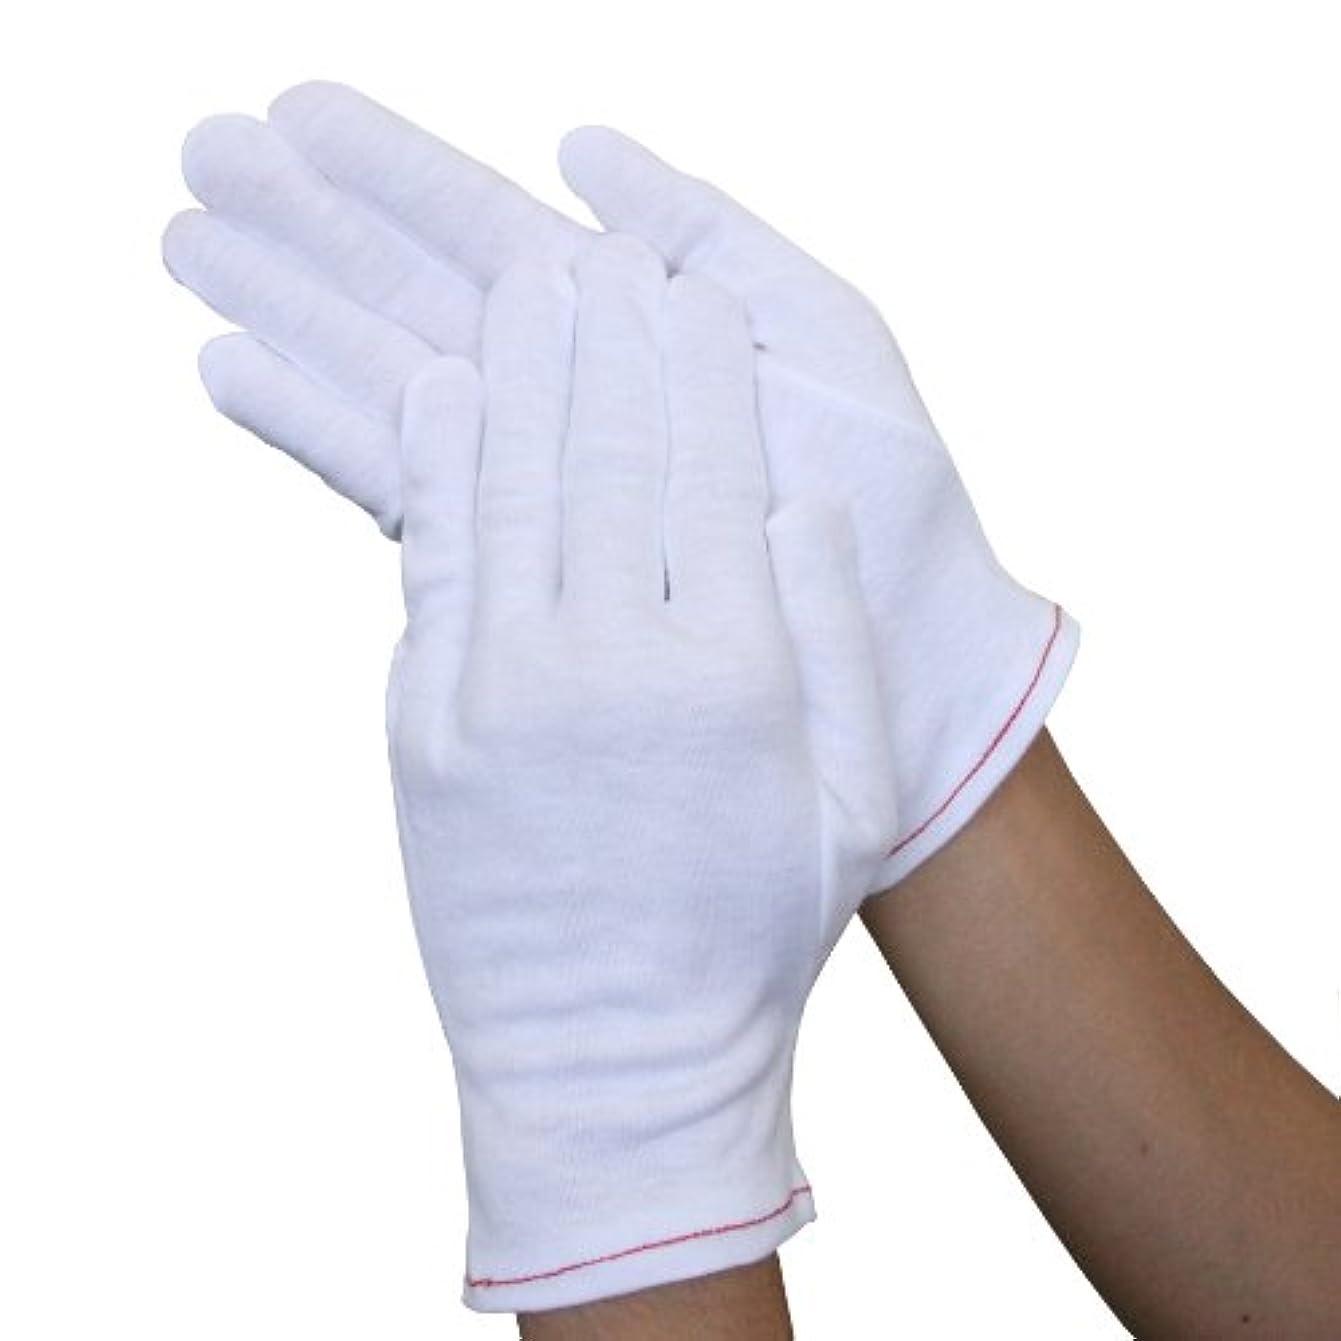 ウインセス 【心地よい肌触り/おやすみ手袋】 綿100%手袋 (2双) (S)